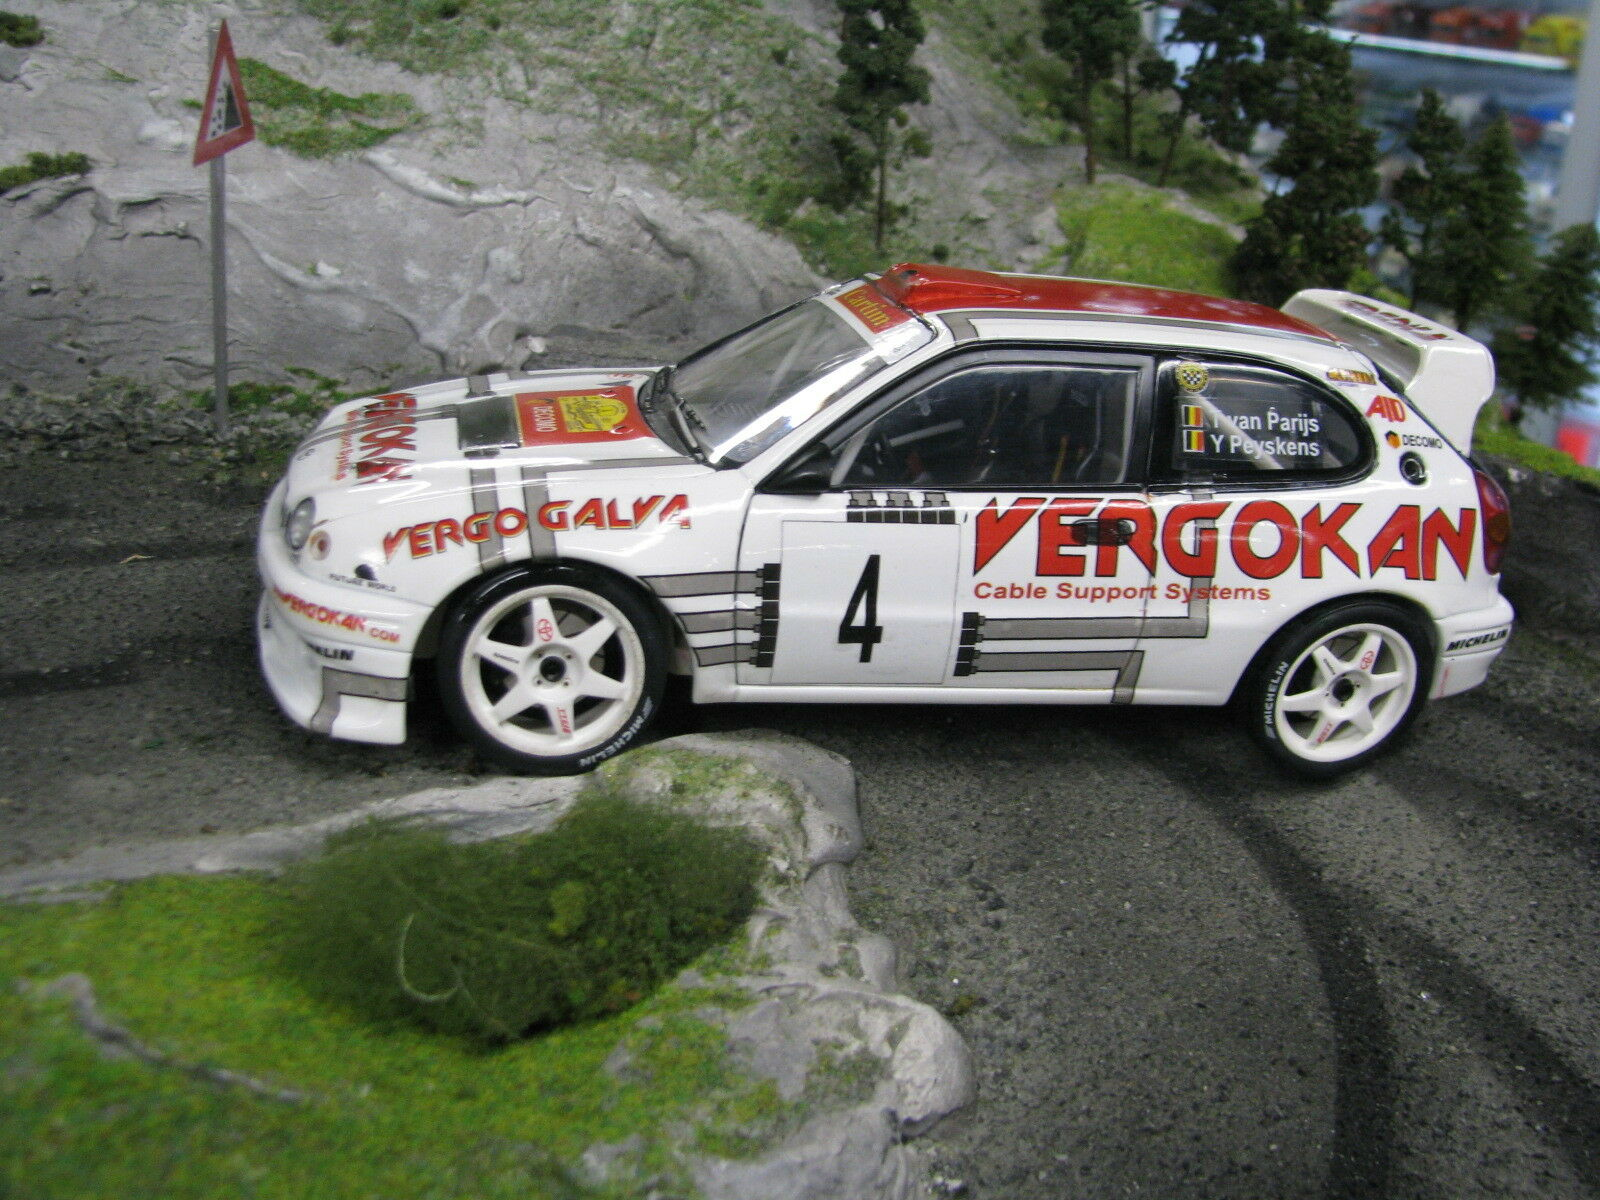 QSP Toyota Corolla WRC 1:18  5 van Parijs  BEL  / Peyskens  BEL  Haspengouw 2004